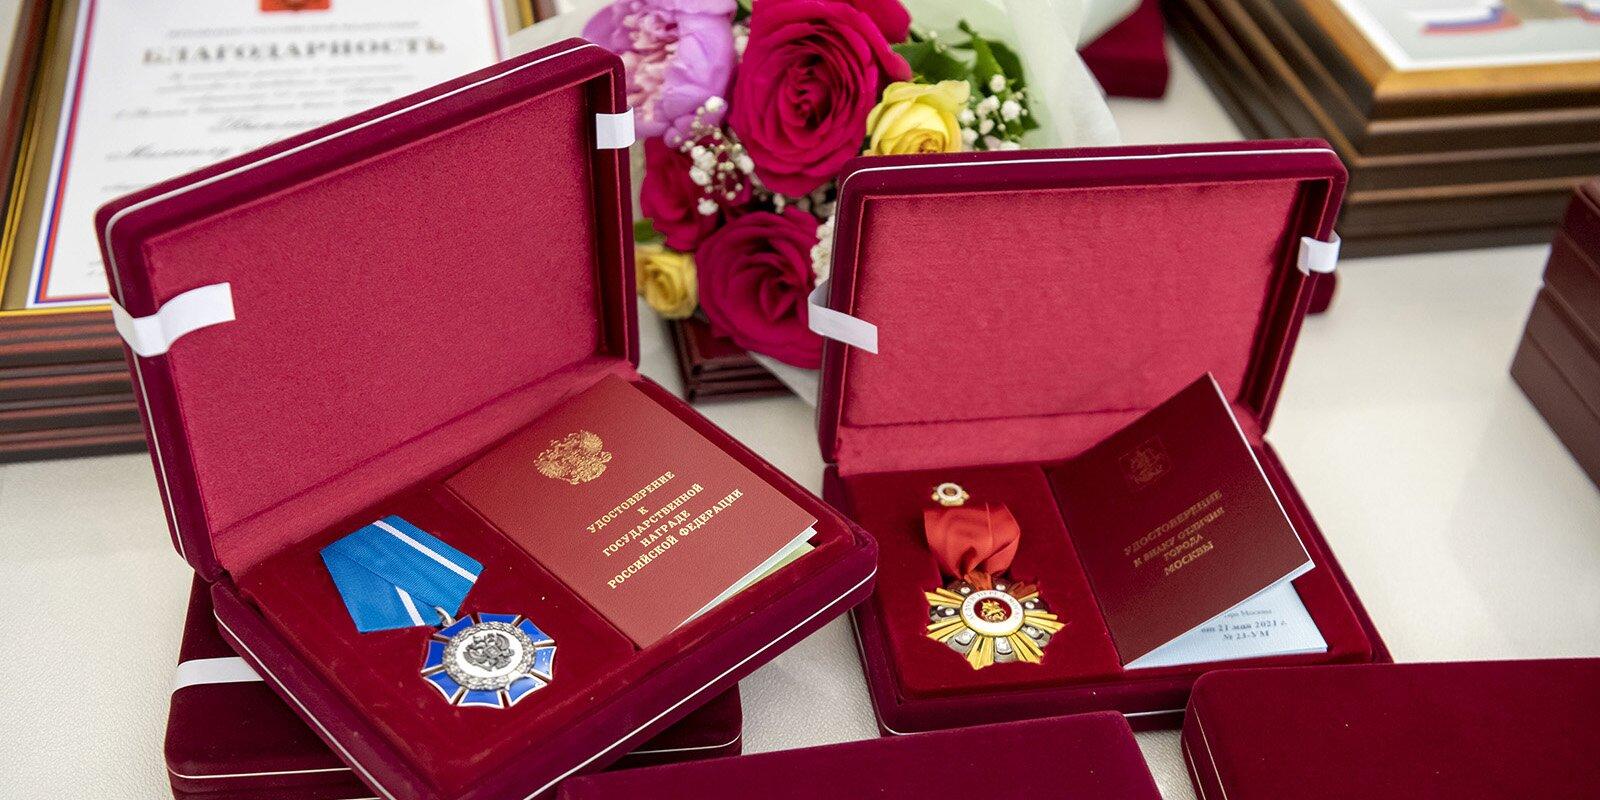 Сергей Собянин вручил государственные награды заслуженным москвичам в преддверии Дня России